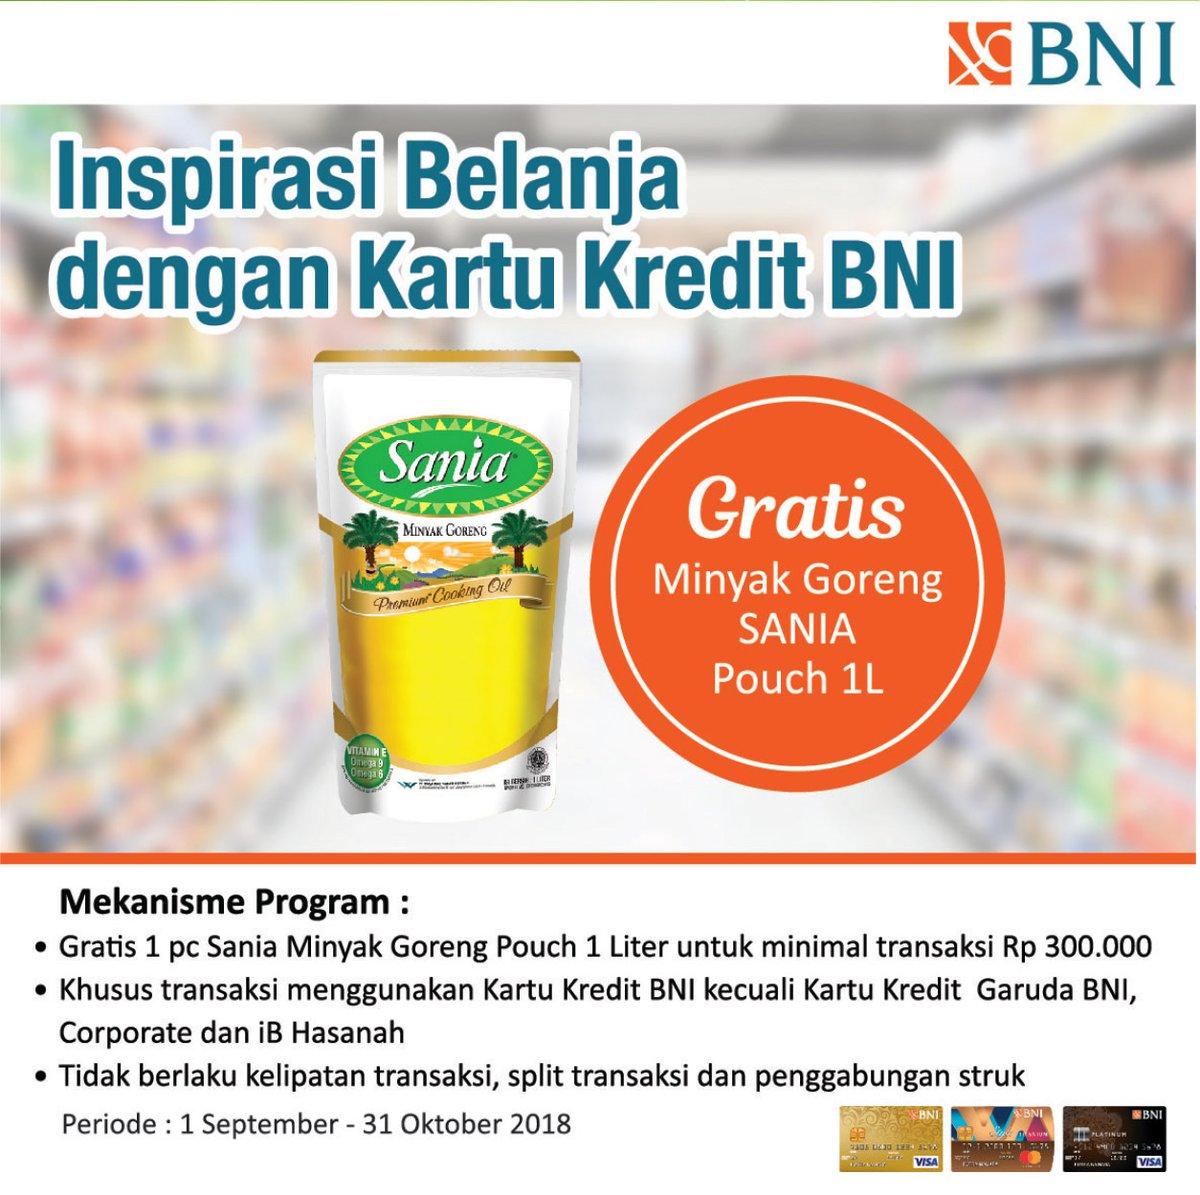 Bank BNI - Promo Belanja Pakai Kartu Kredit BNI Gratis Sania Minyak Goreng 1 L